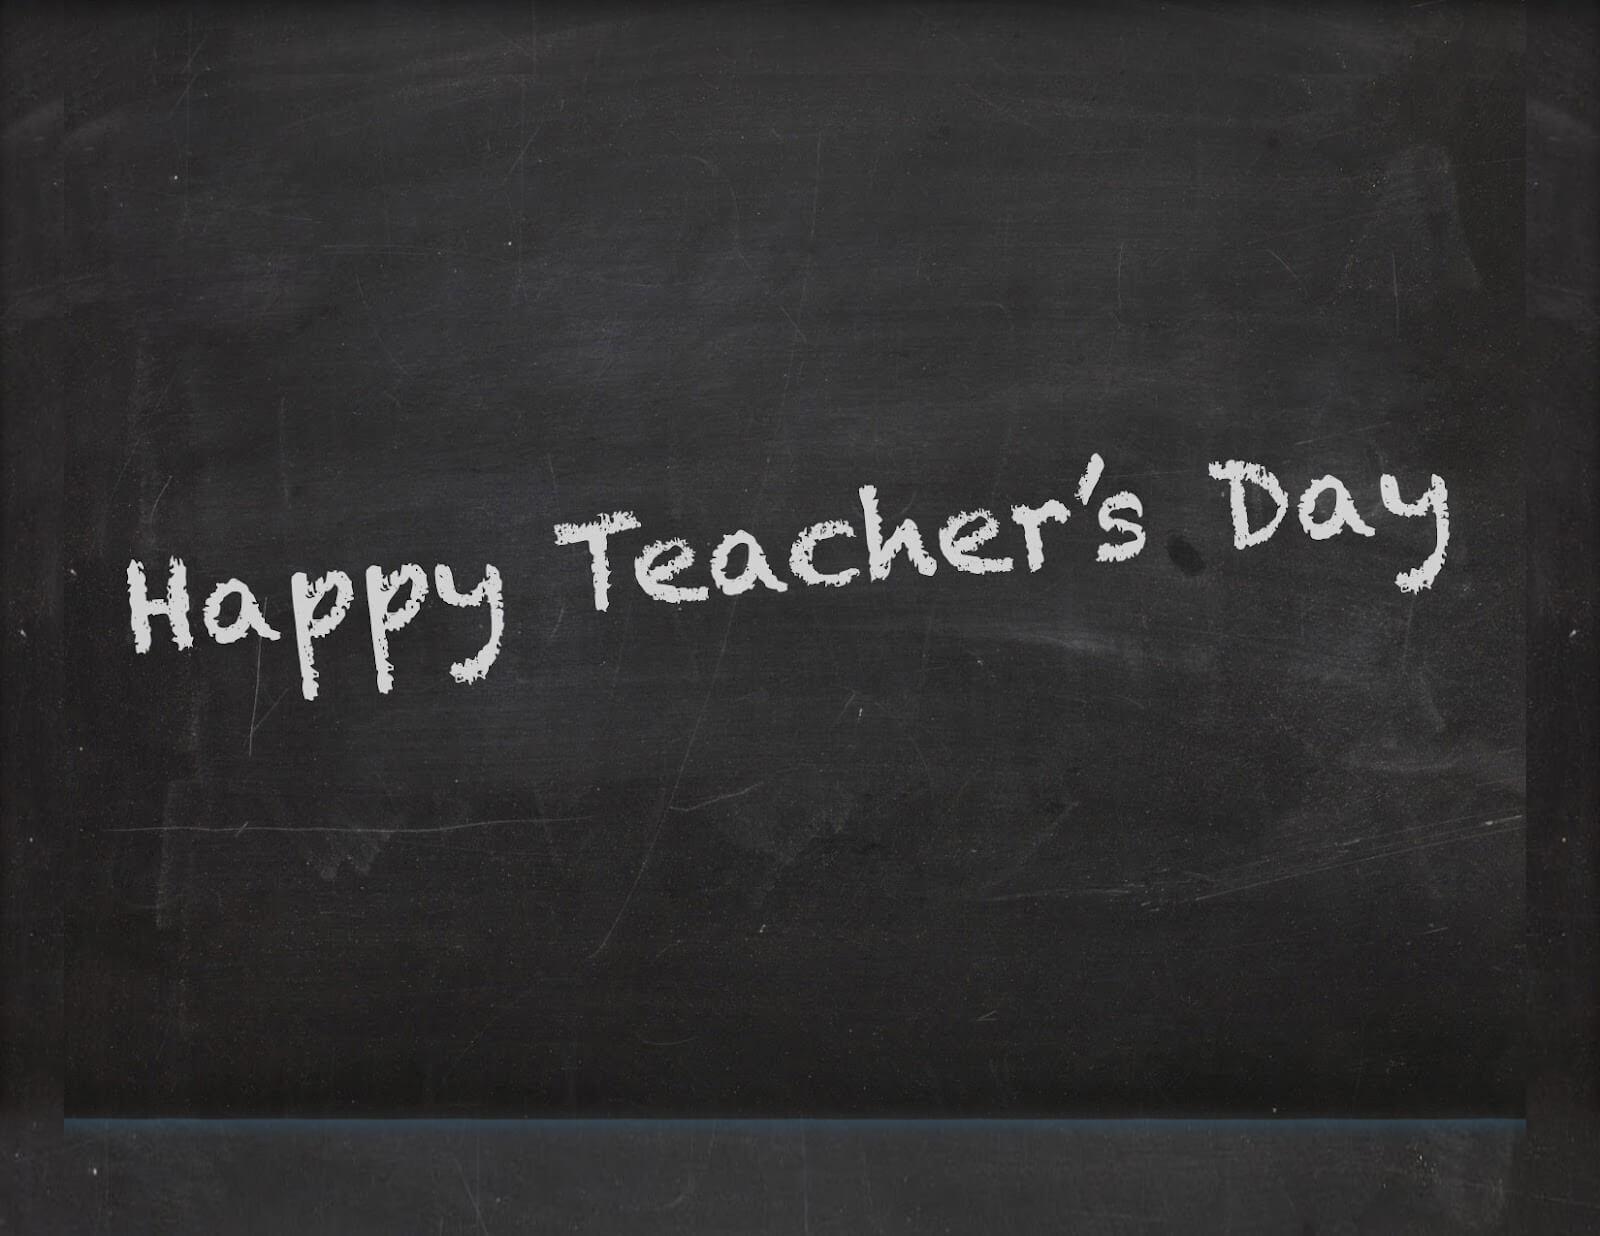 happy teachers day wishes on a blackboard